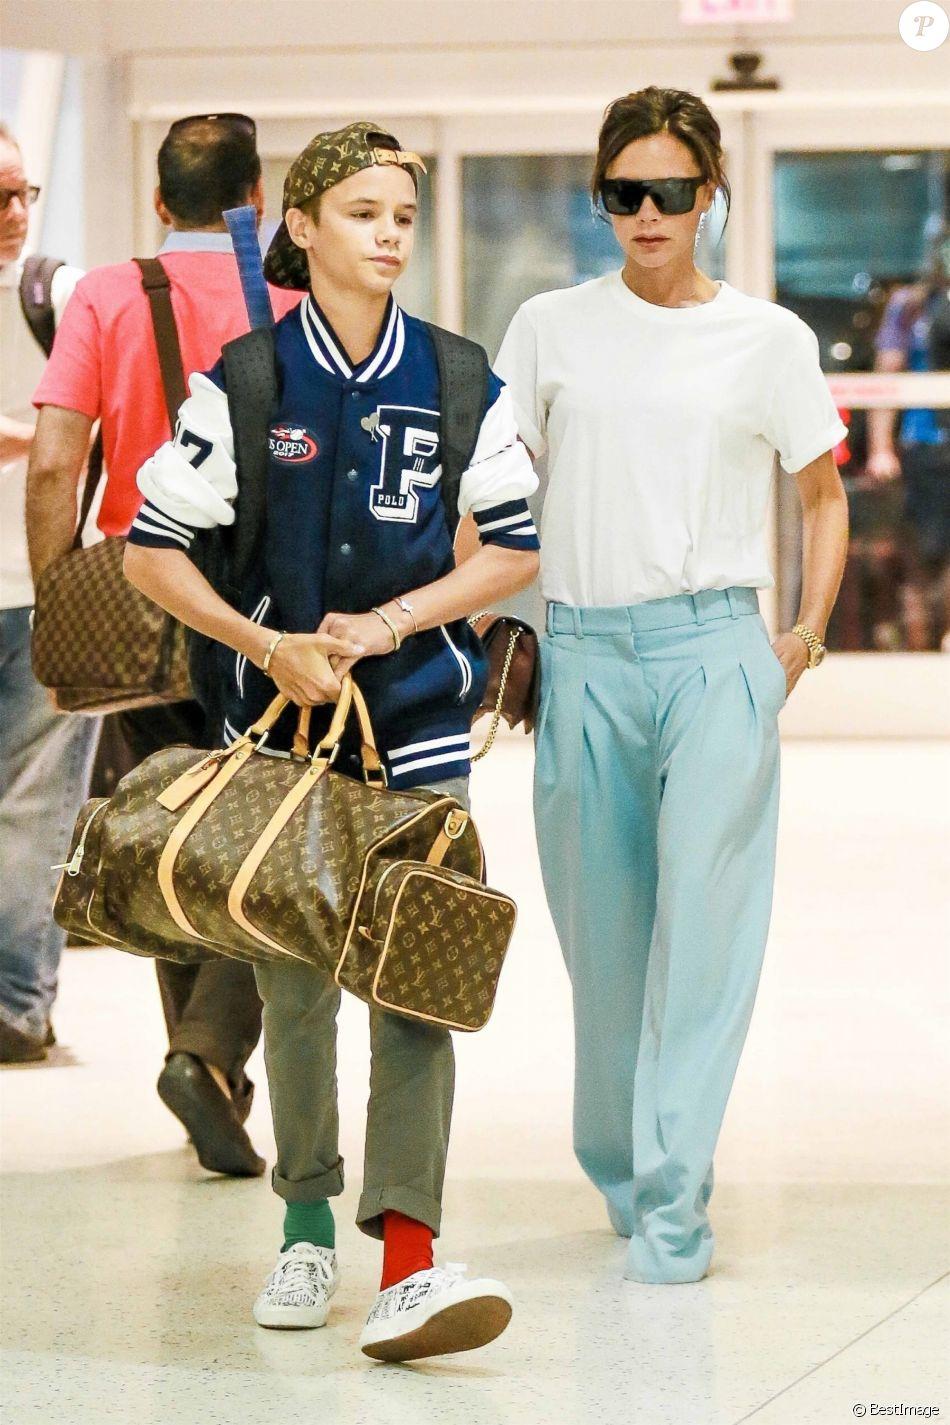 Victoria Beckham et son fils Romeo (habillé d'une casquette Louis Vuitton x Supreme, d'une veste Polo Ralph Lauren, chaussé de baskets Comme des Garçons et tenant un sac Louis Vuitton) à l'aéroport de JFK à New York. Le 30 août 2017.